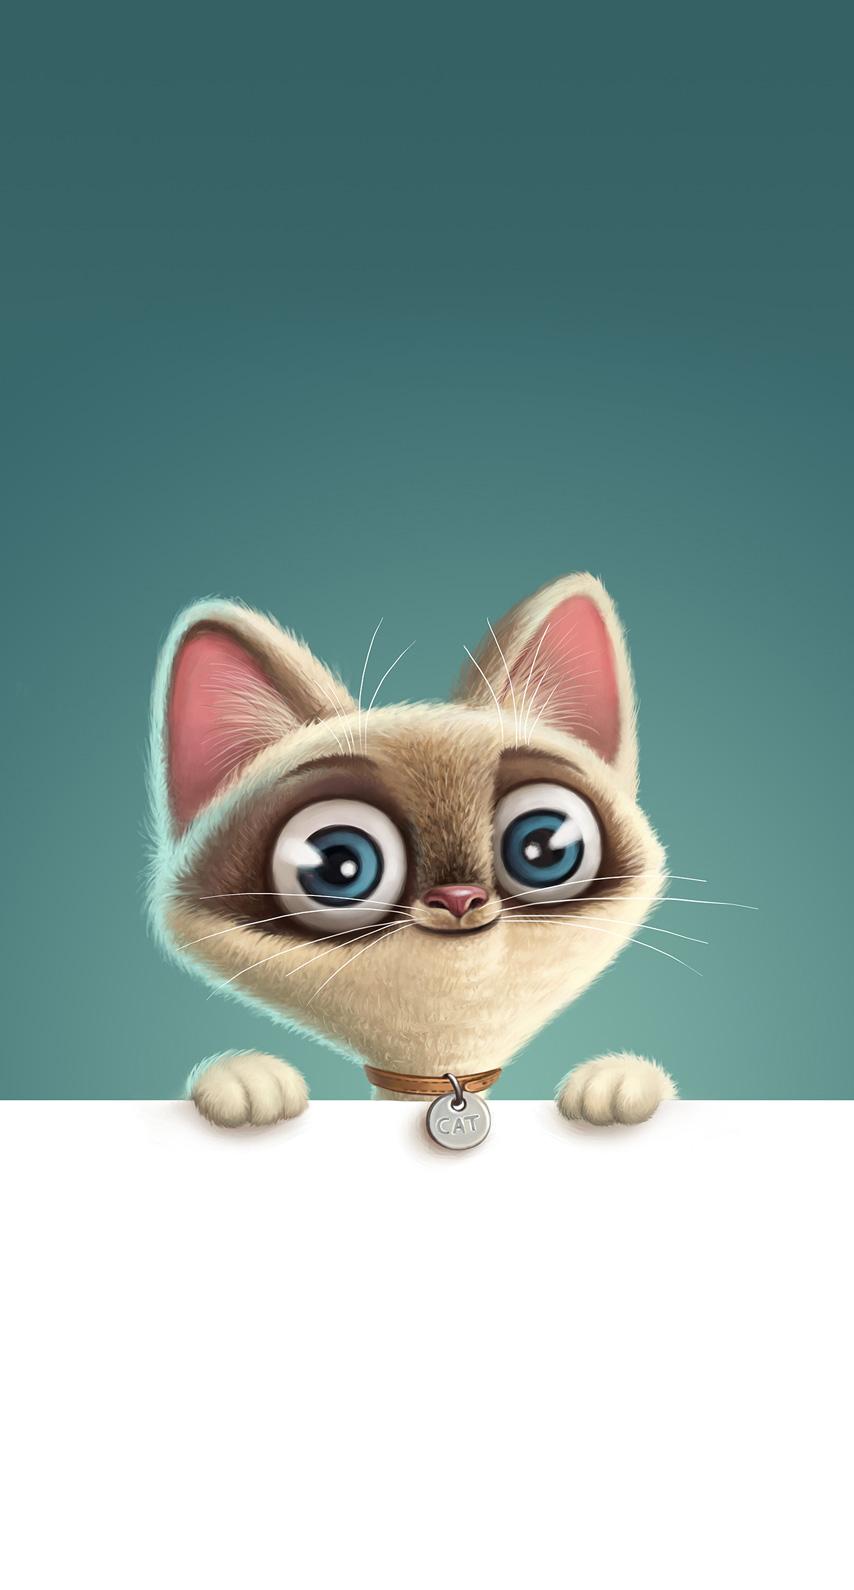 kitten, animal